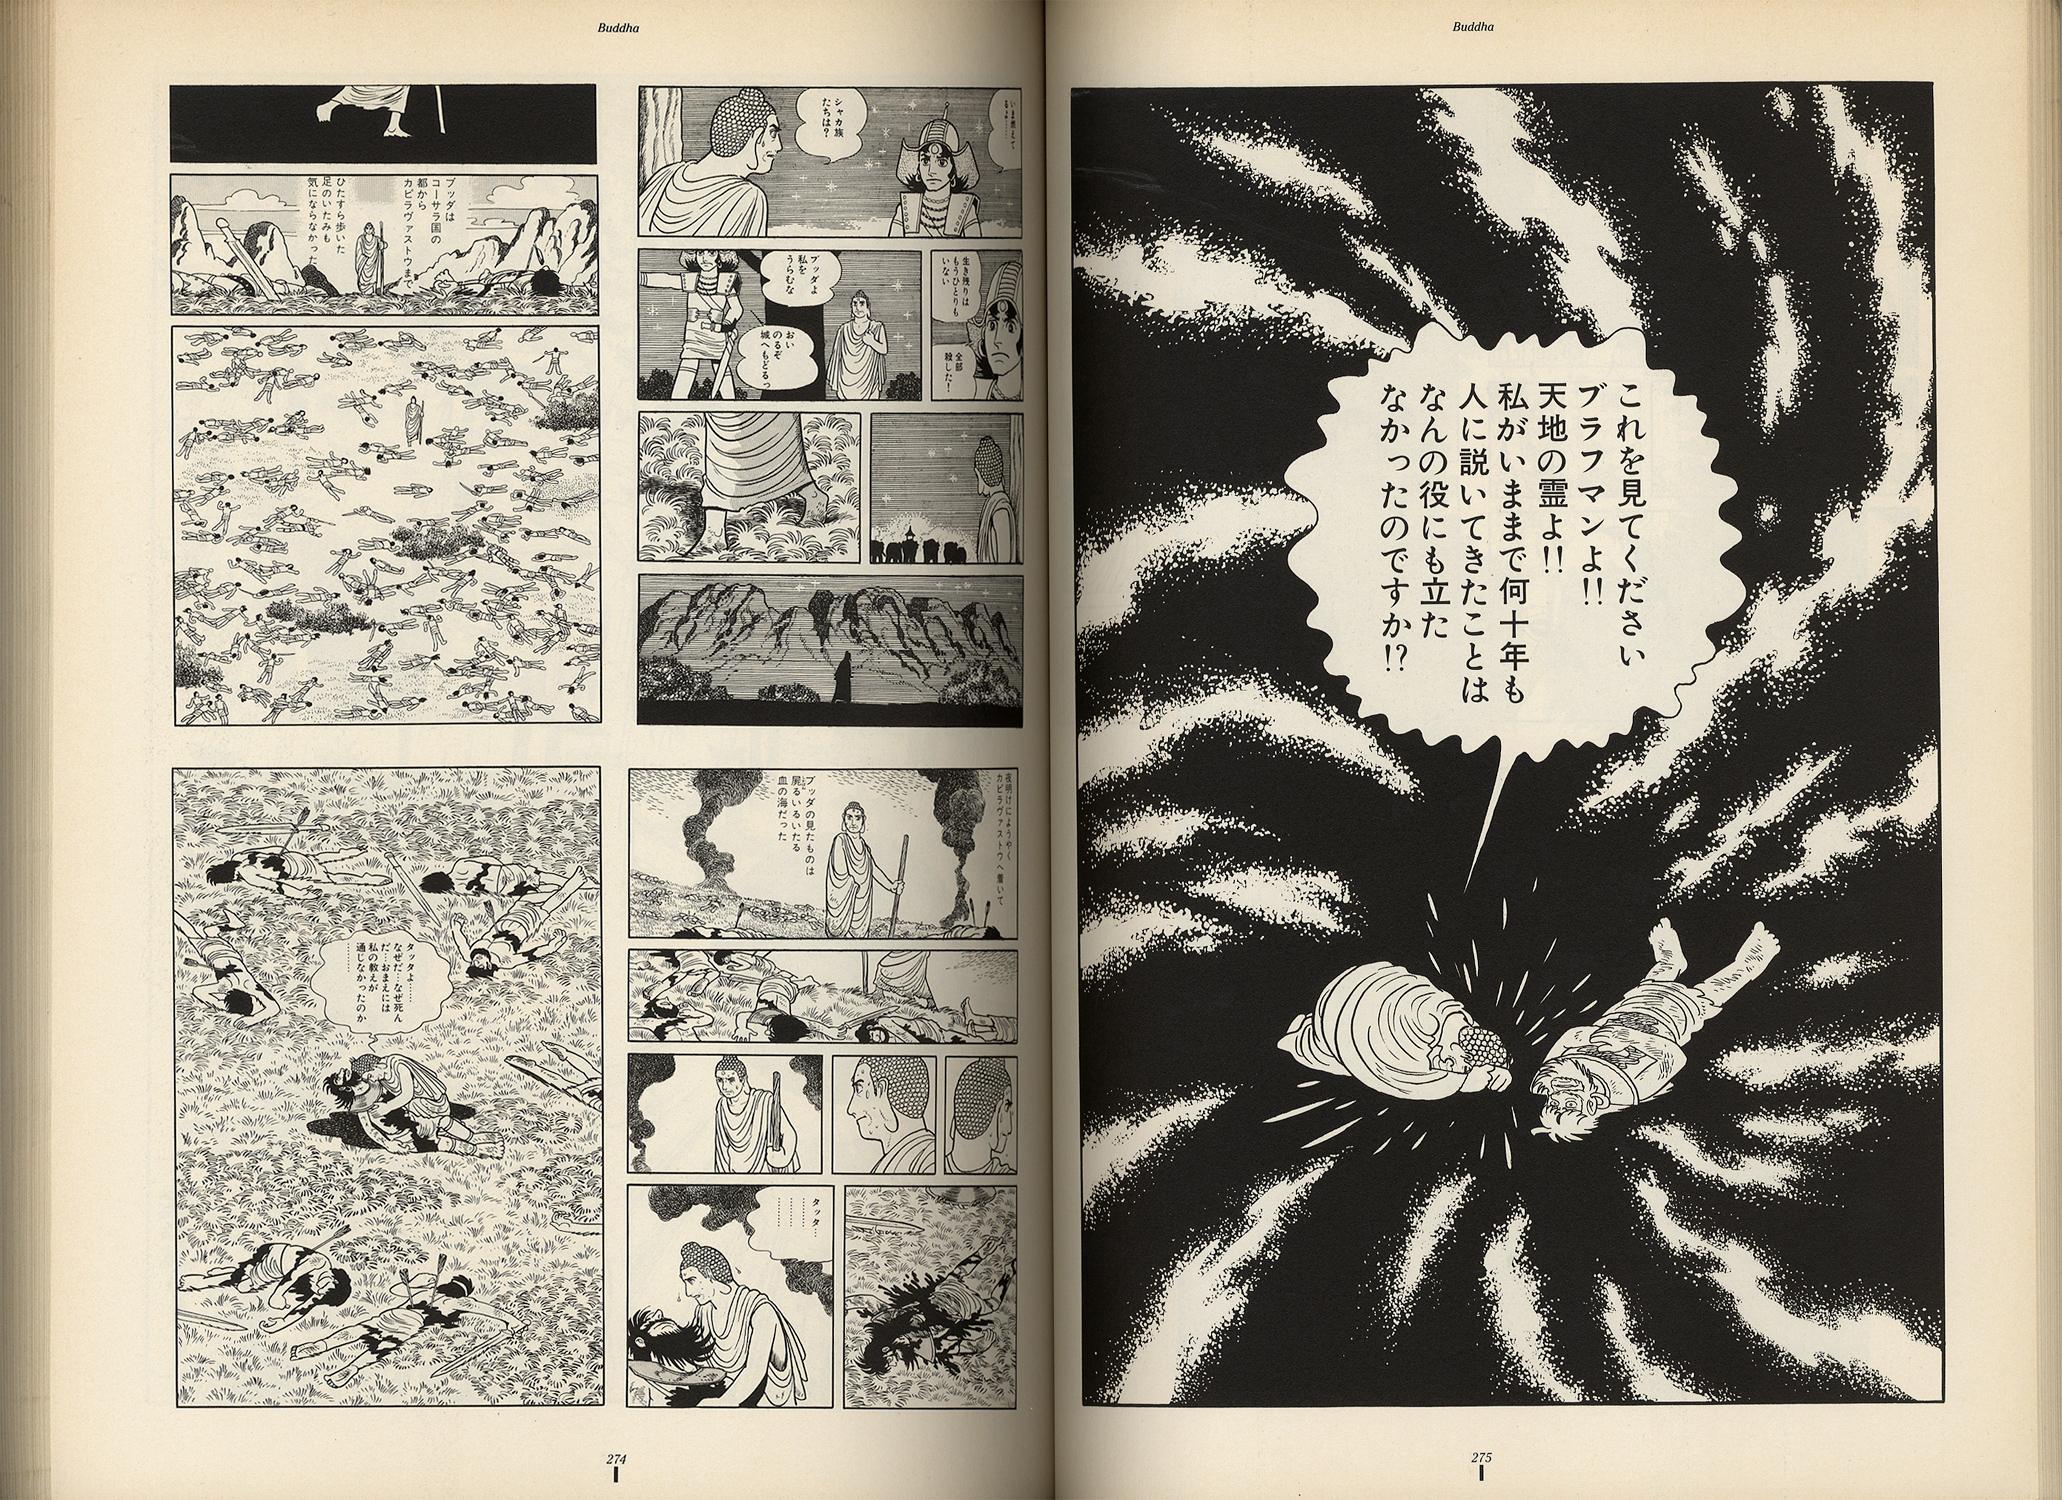 手塚治虫展 Osamu Tezuka Exhibition[image5]